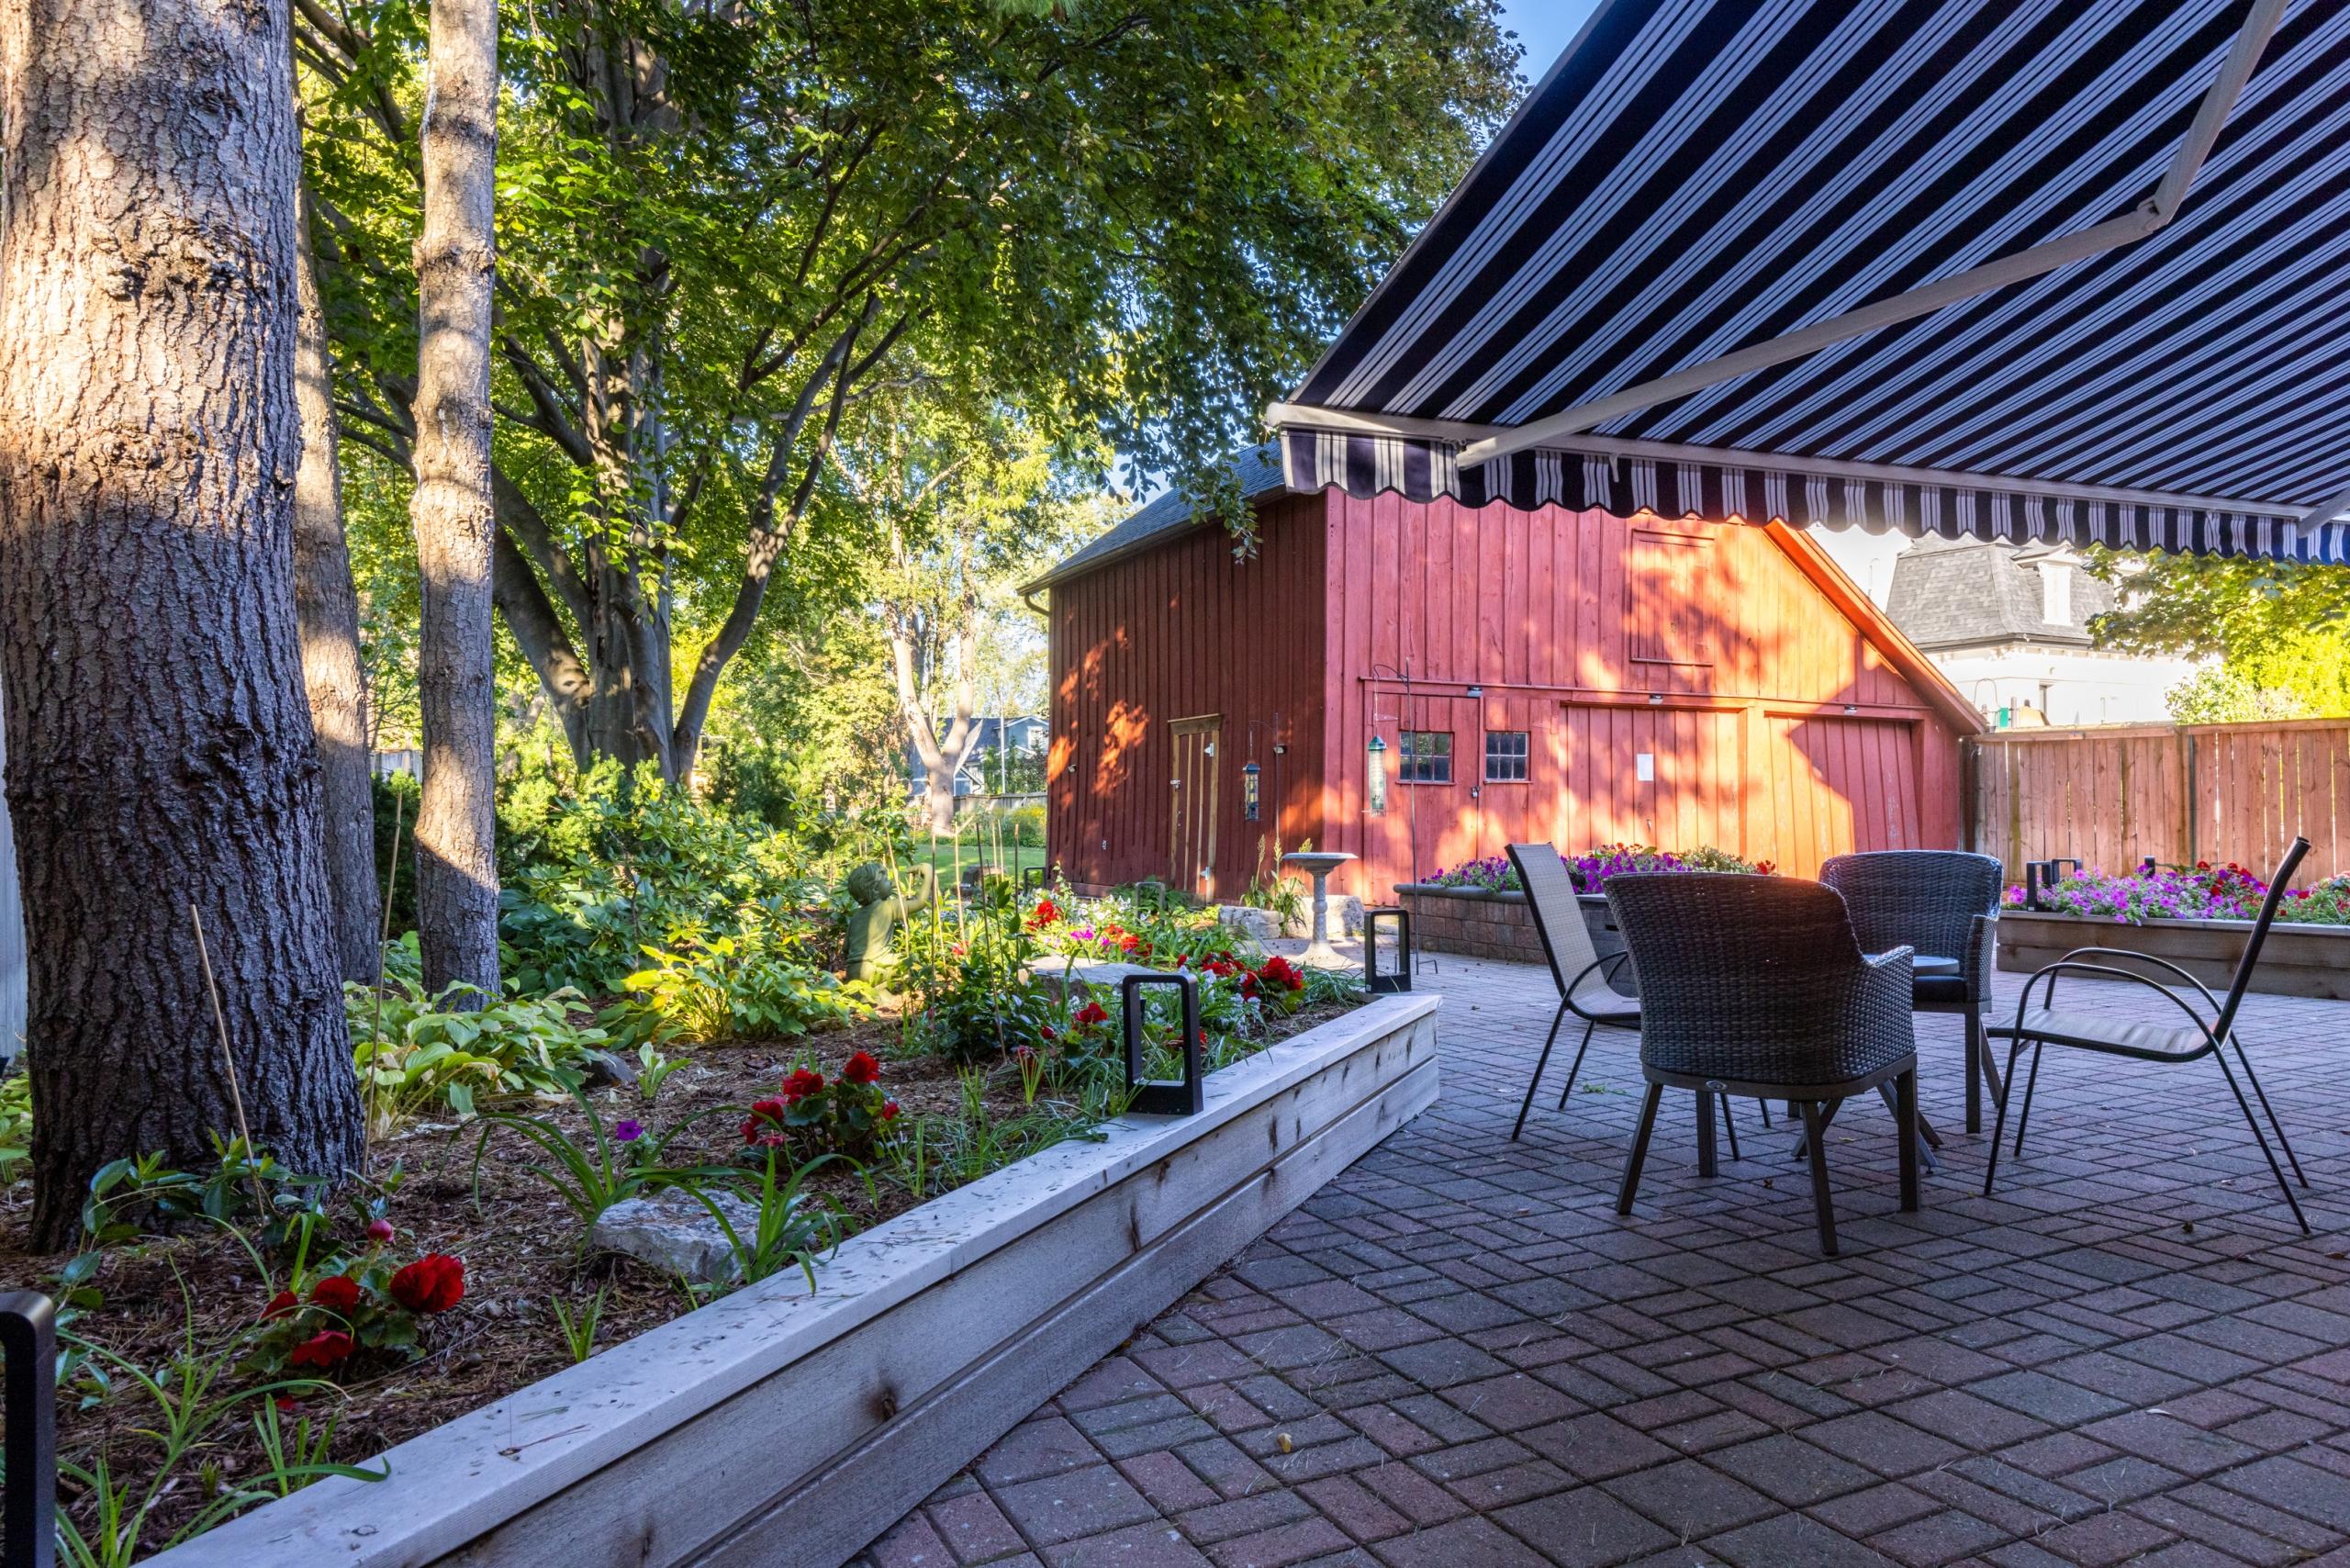 Garden featured at 349 Trafalgar Road, Old Oakville, ON at Alex Irish & Associates